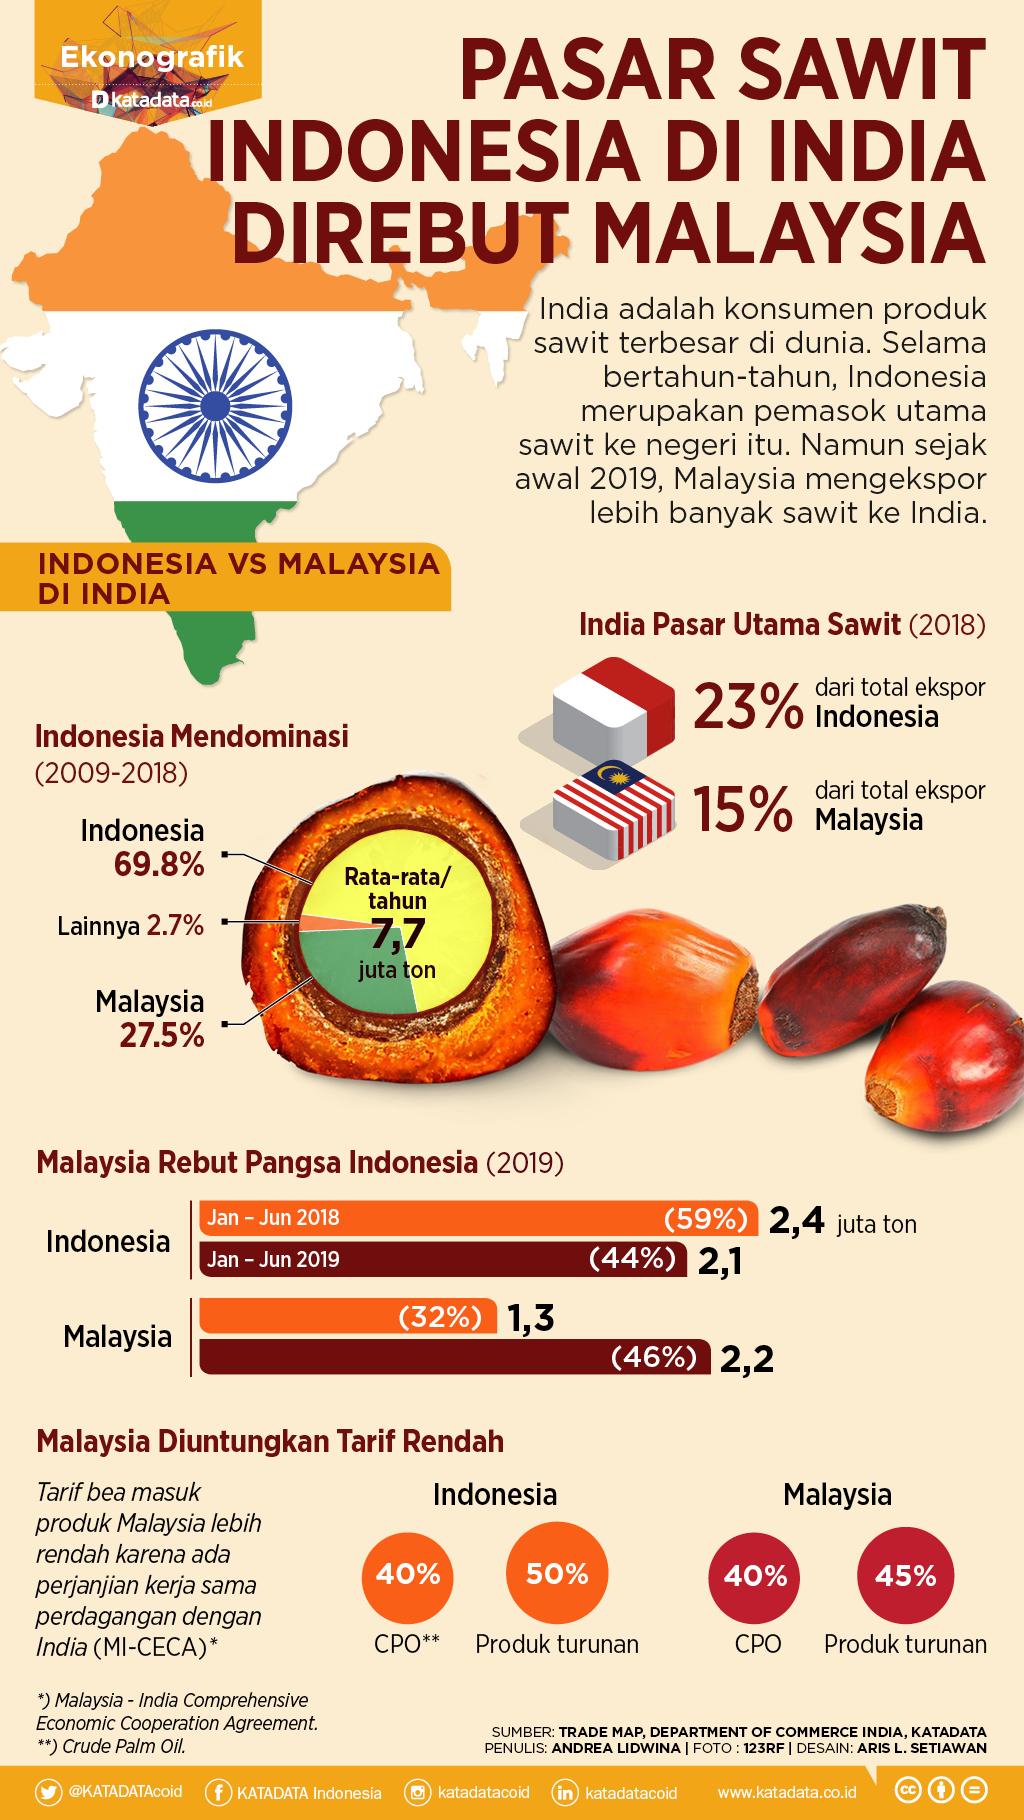 Pasar Sawit Indonesia Direbut Malaysia